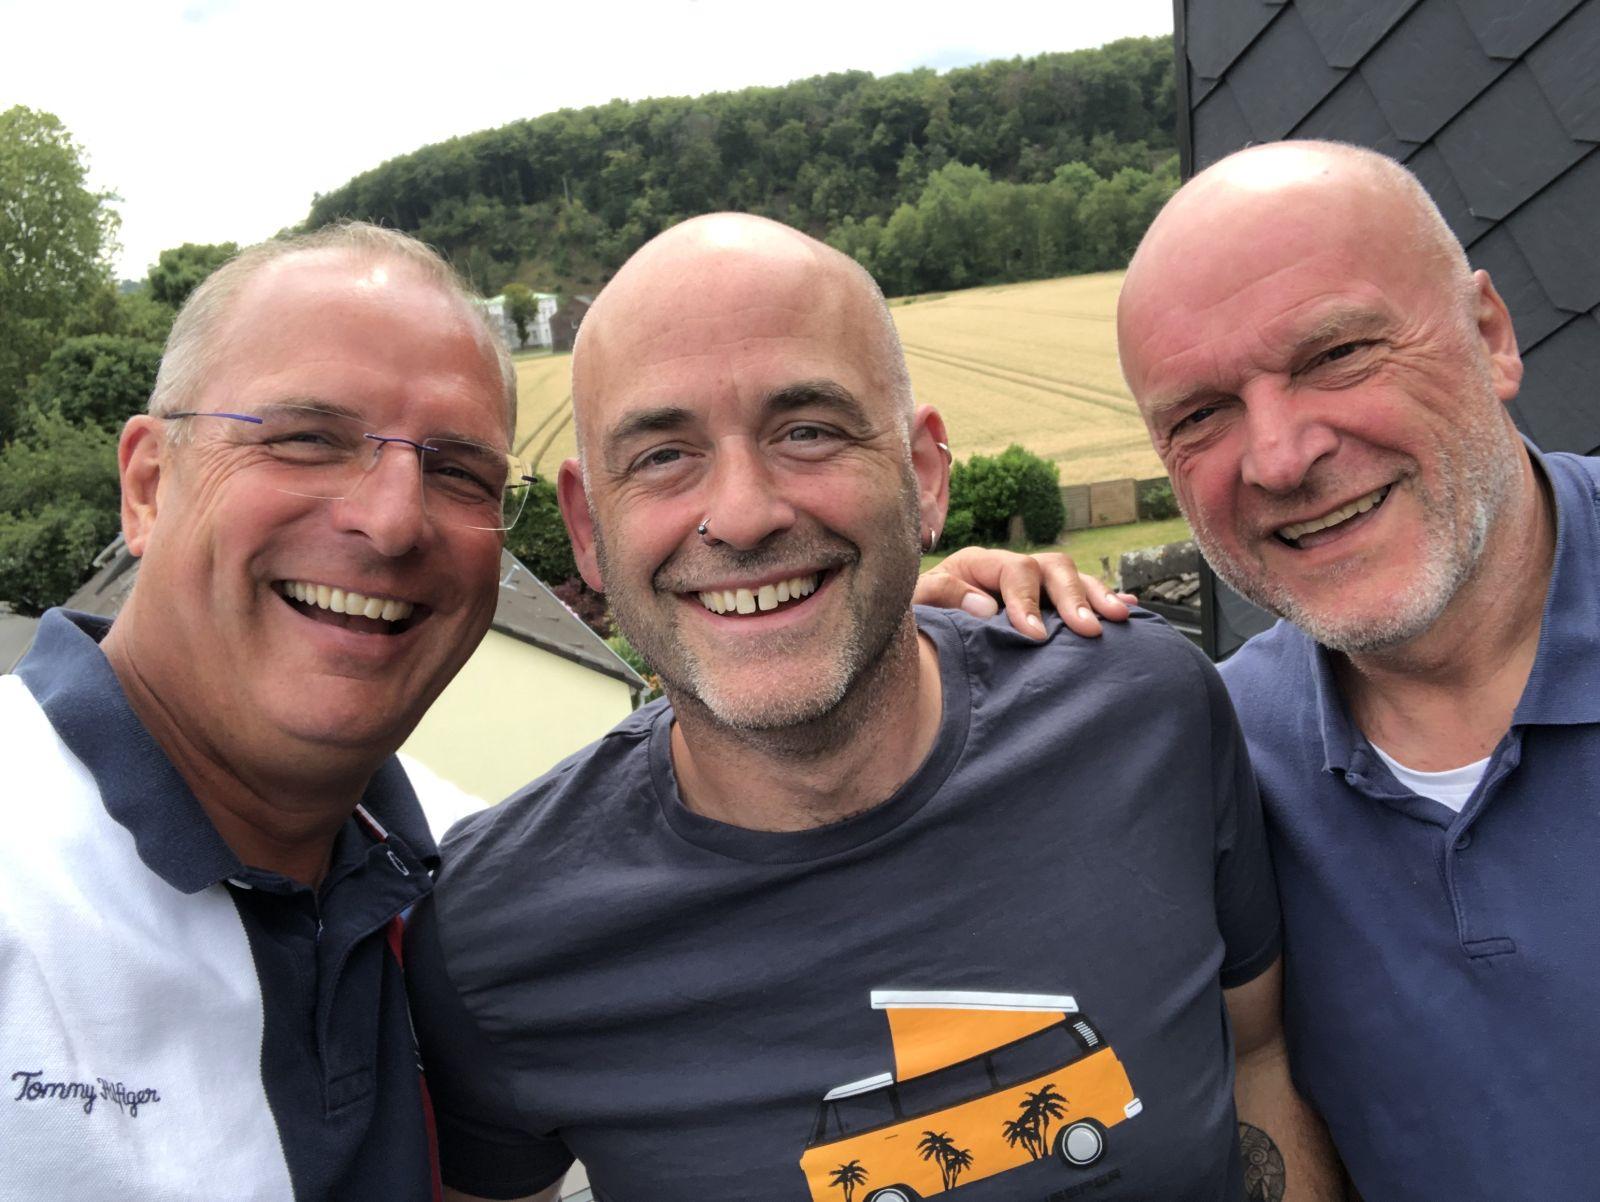 Organisator Boris Orlowski, Mark Bennett und Volker Sauer (Leadsänger von Claymore) haben bei der Vorbesprechung gut lachen und freuen sich schon riesig auf das kleine Konzert am Freitagabend.